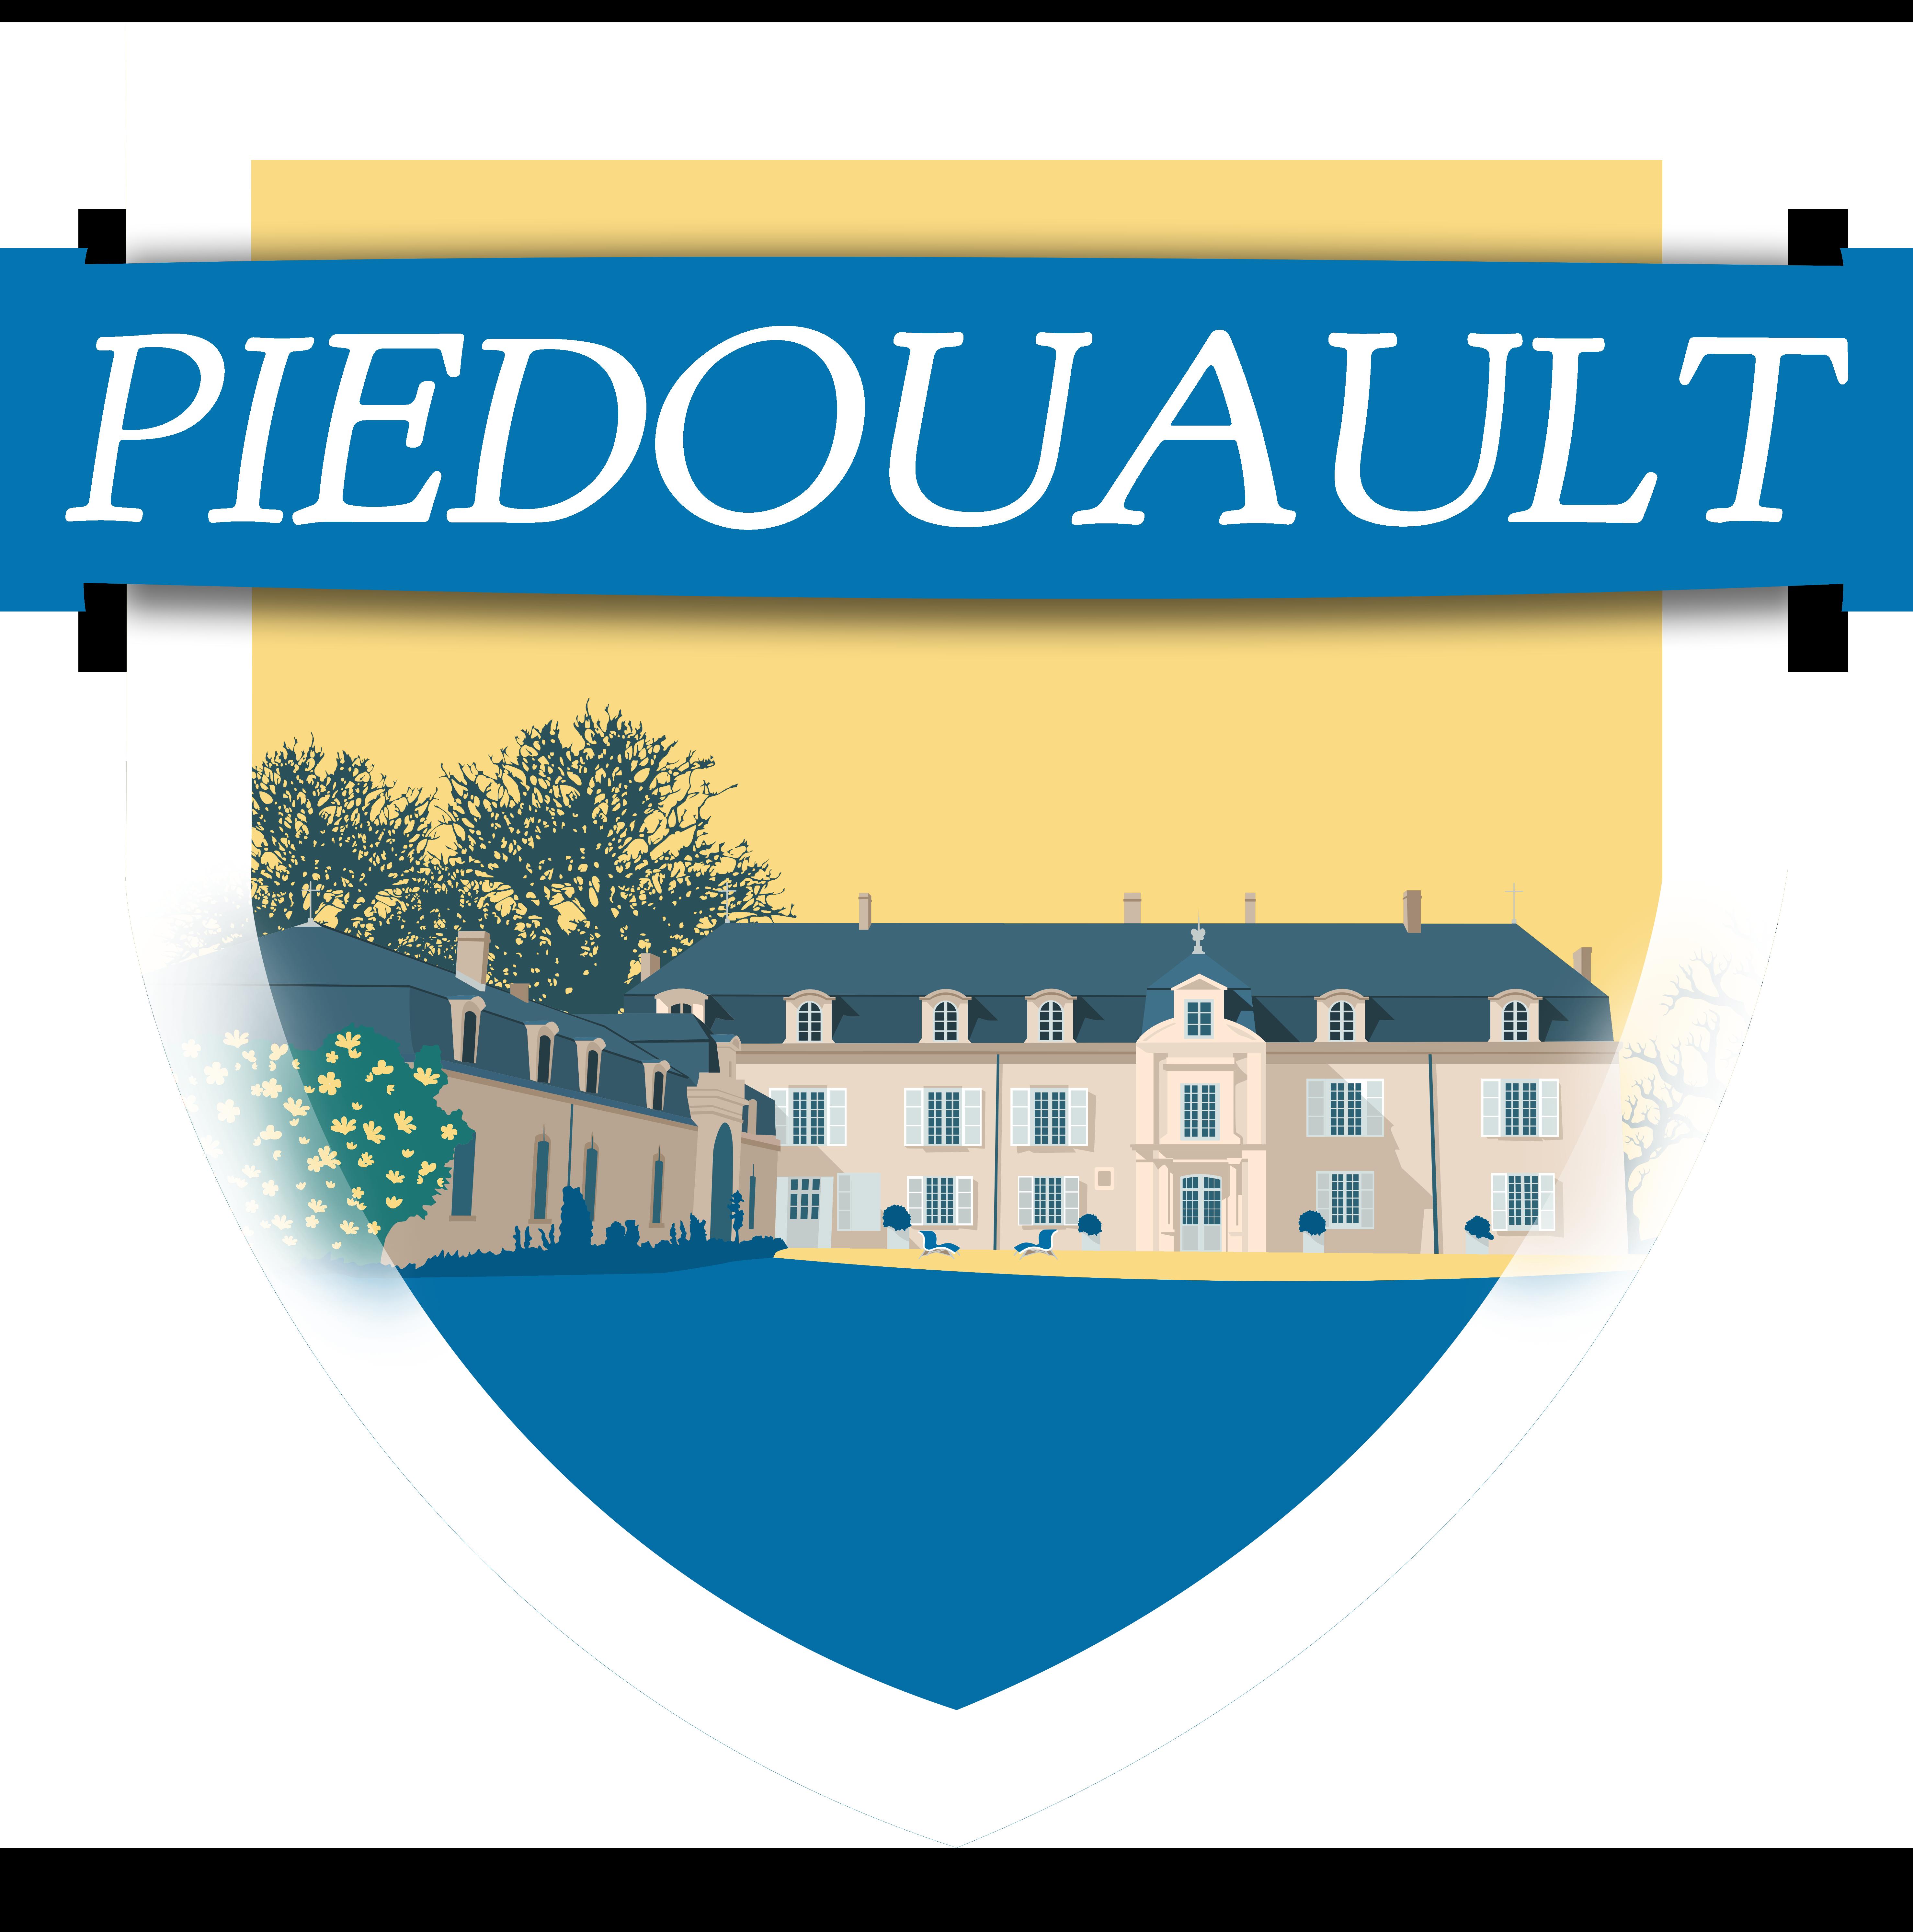 Château de Piedouault